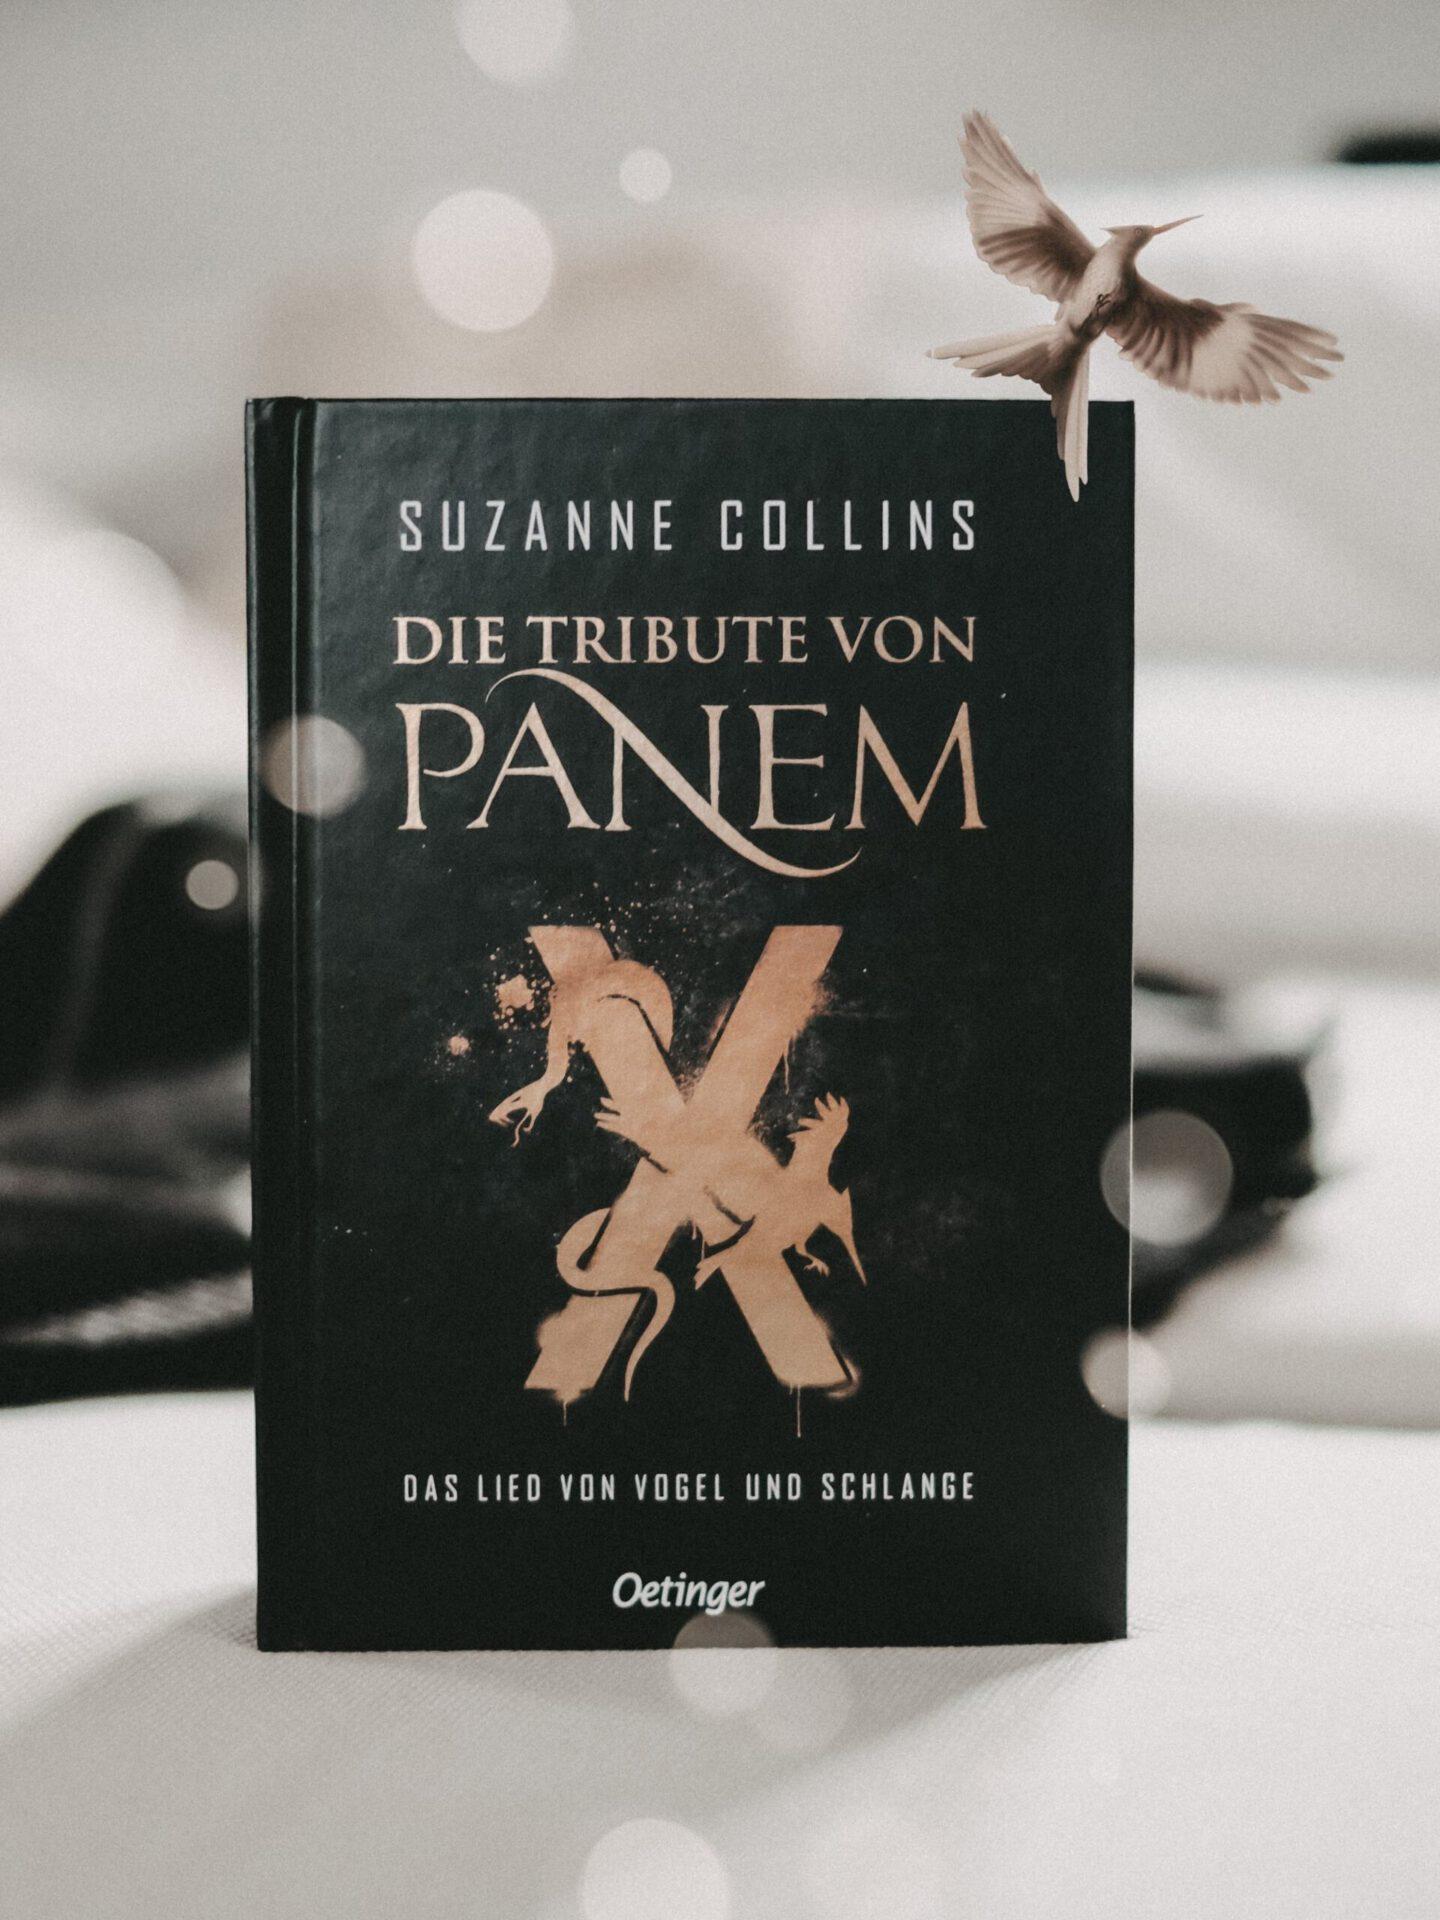 Rezension Suzanne Collins – Die Tribute von Panem X: Das Lied von Vogel und Schlange